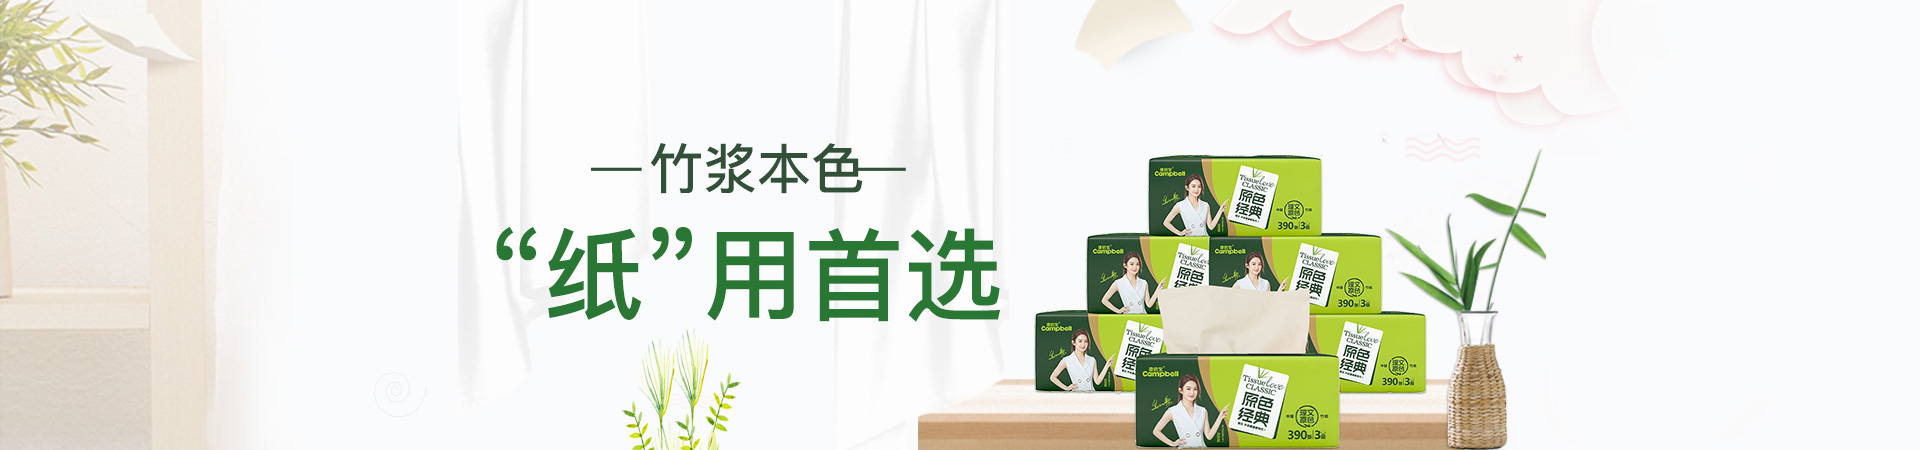 健康好纸就用,康倍宝本色竹浆纸~